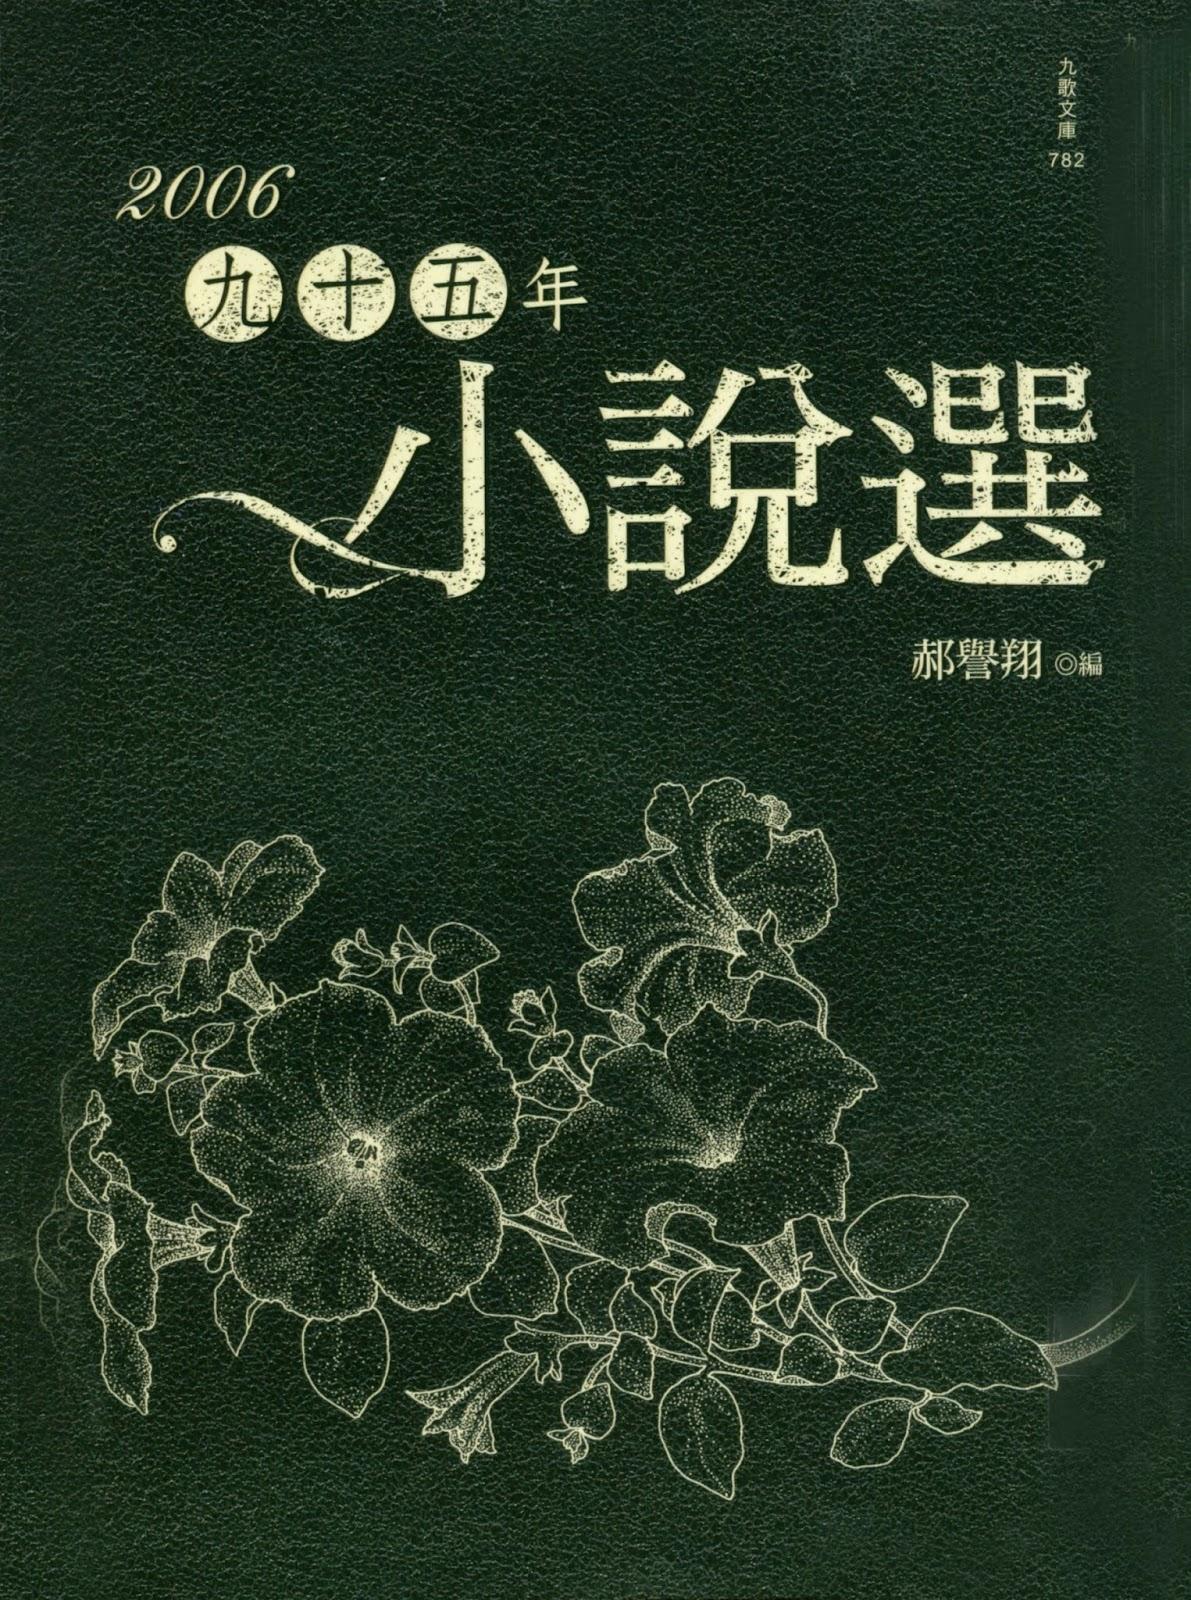 《九十五年小說選》